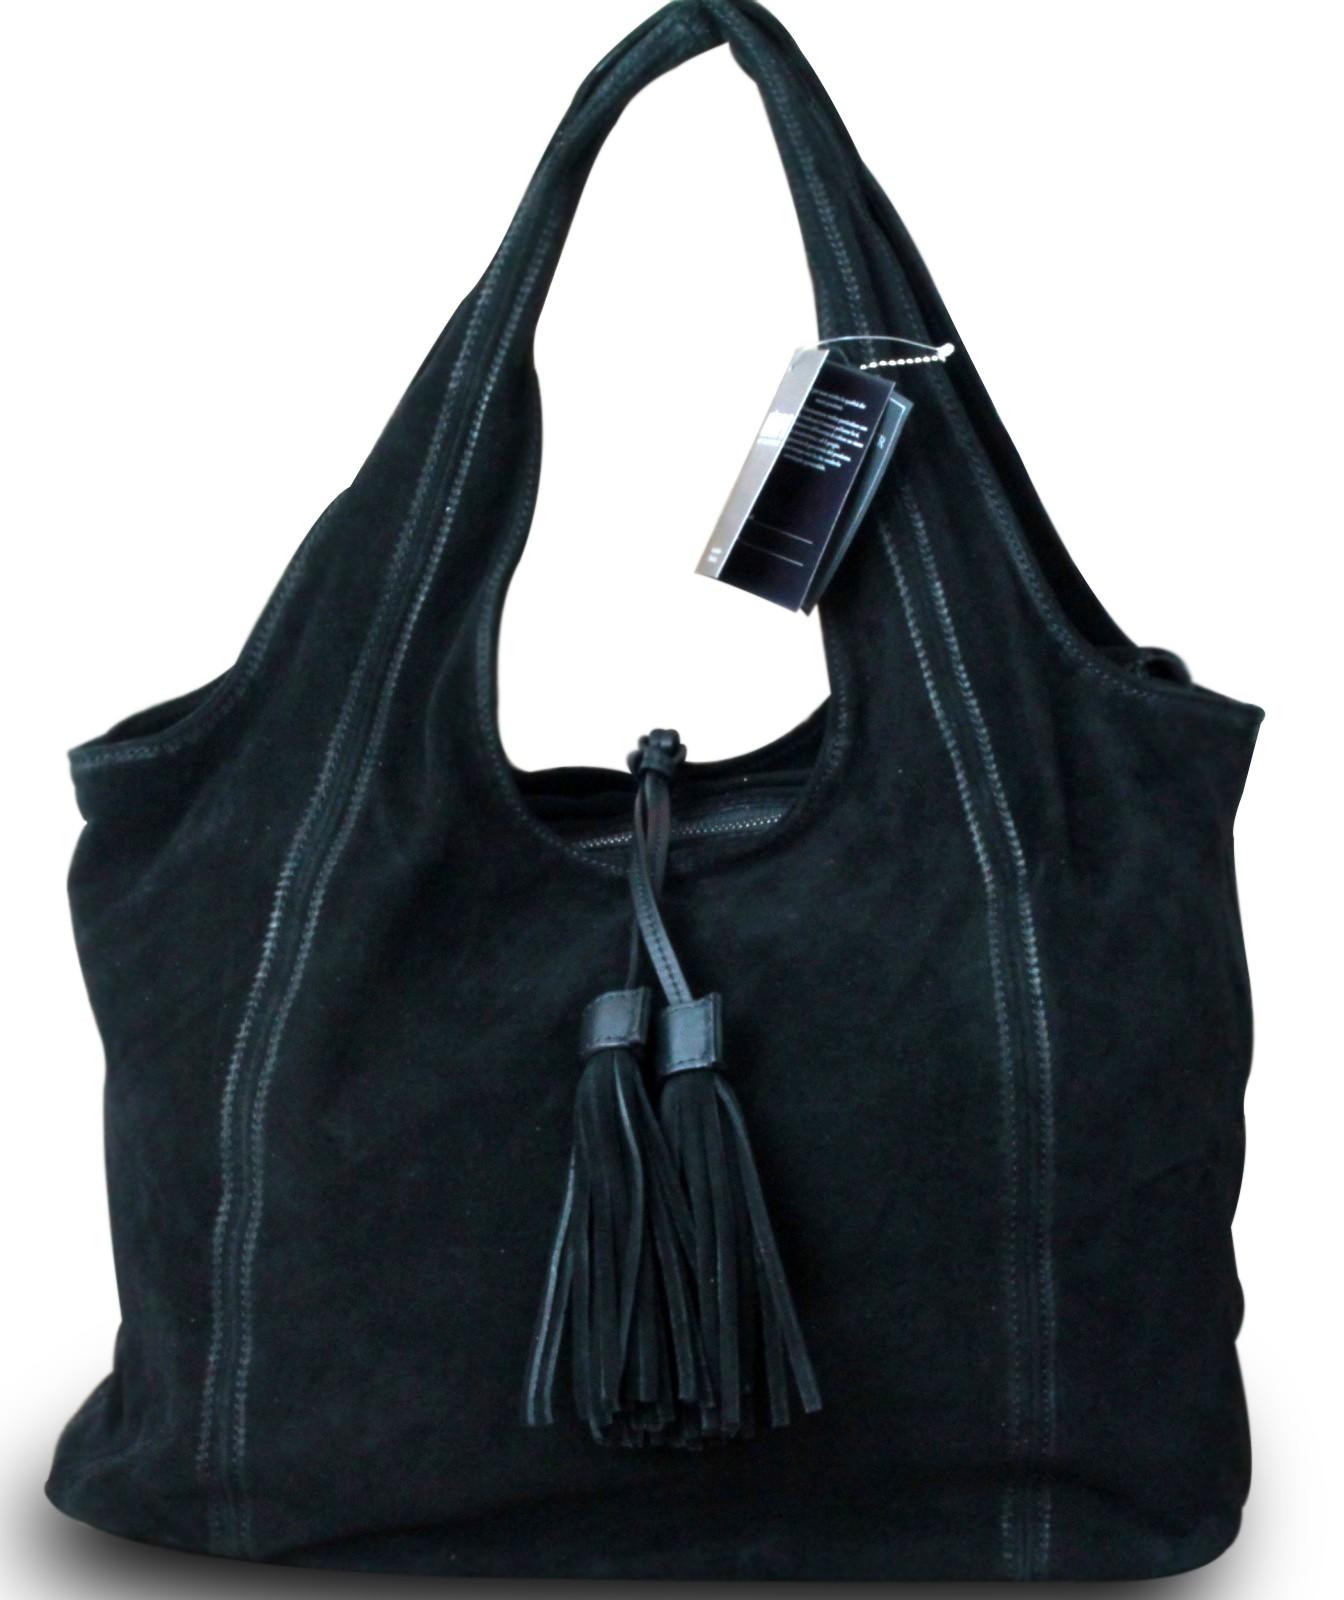 Neuankömmling 36c27 3e458 Made in Italy Luxus Designer Damentasche Schultertasche Beuteltasche  Shopper Bag Echt Wildleder Vintage Schwarz   Ceres Webshop